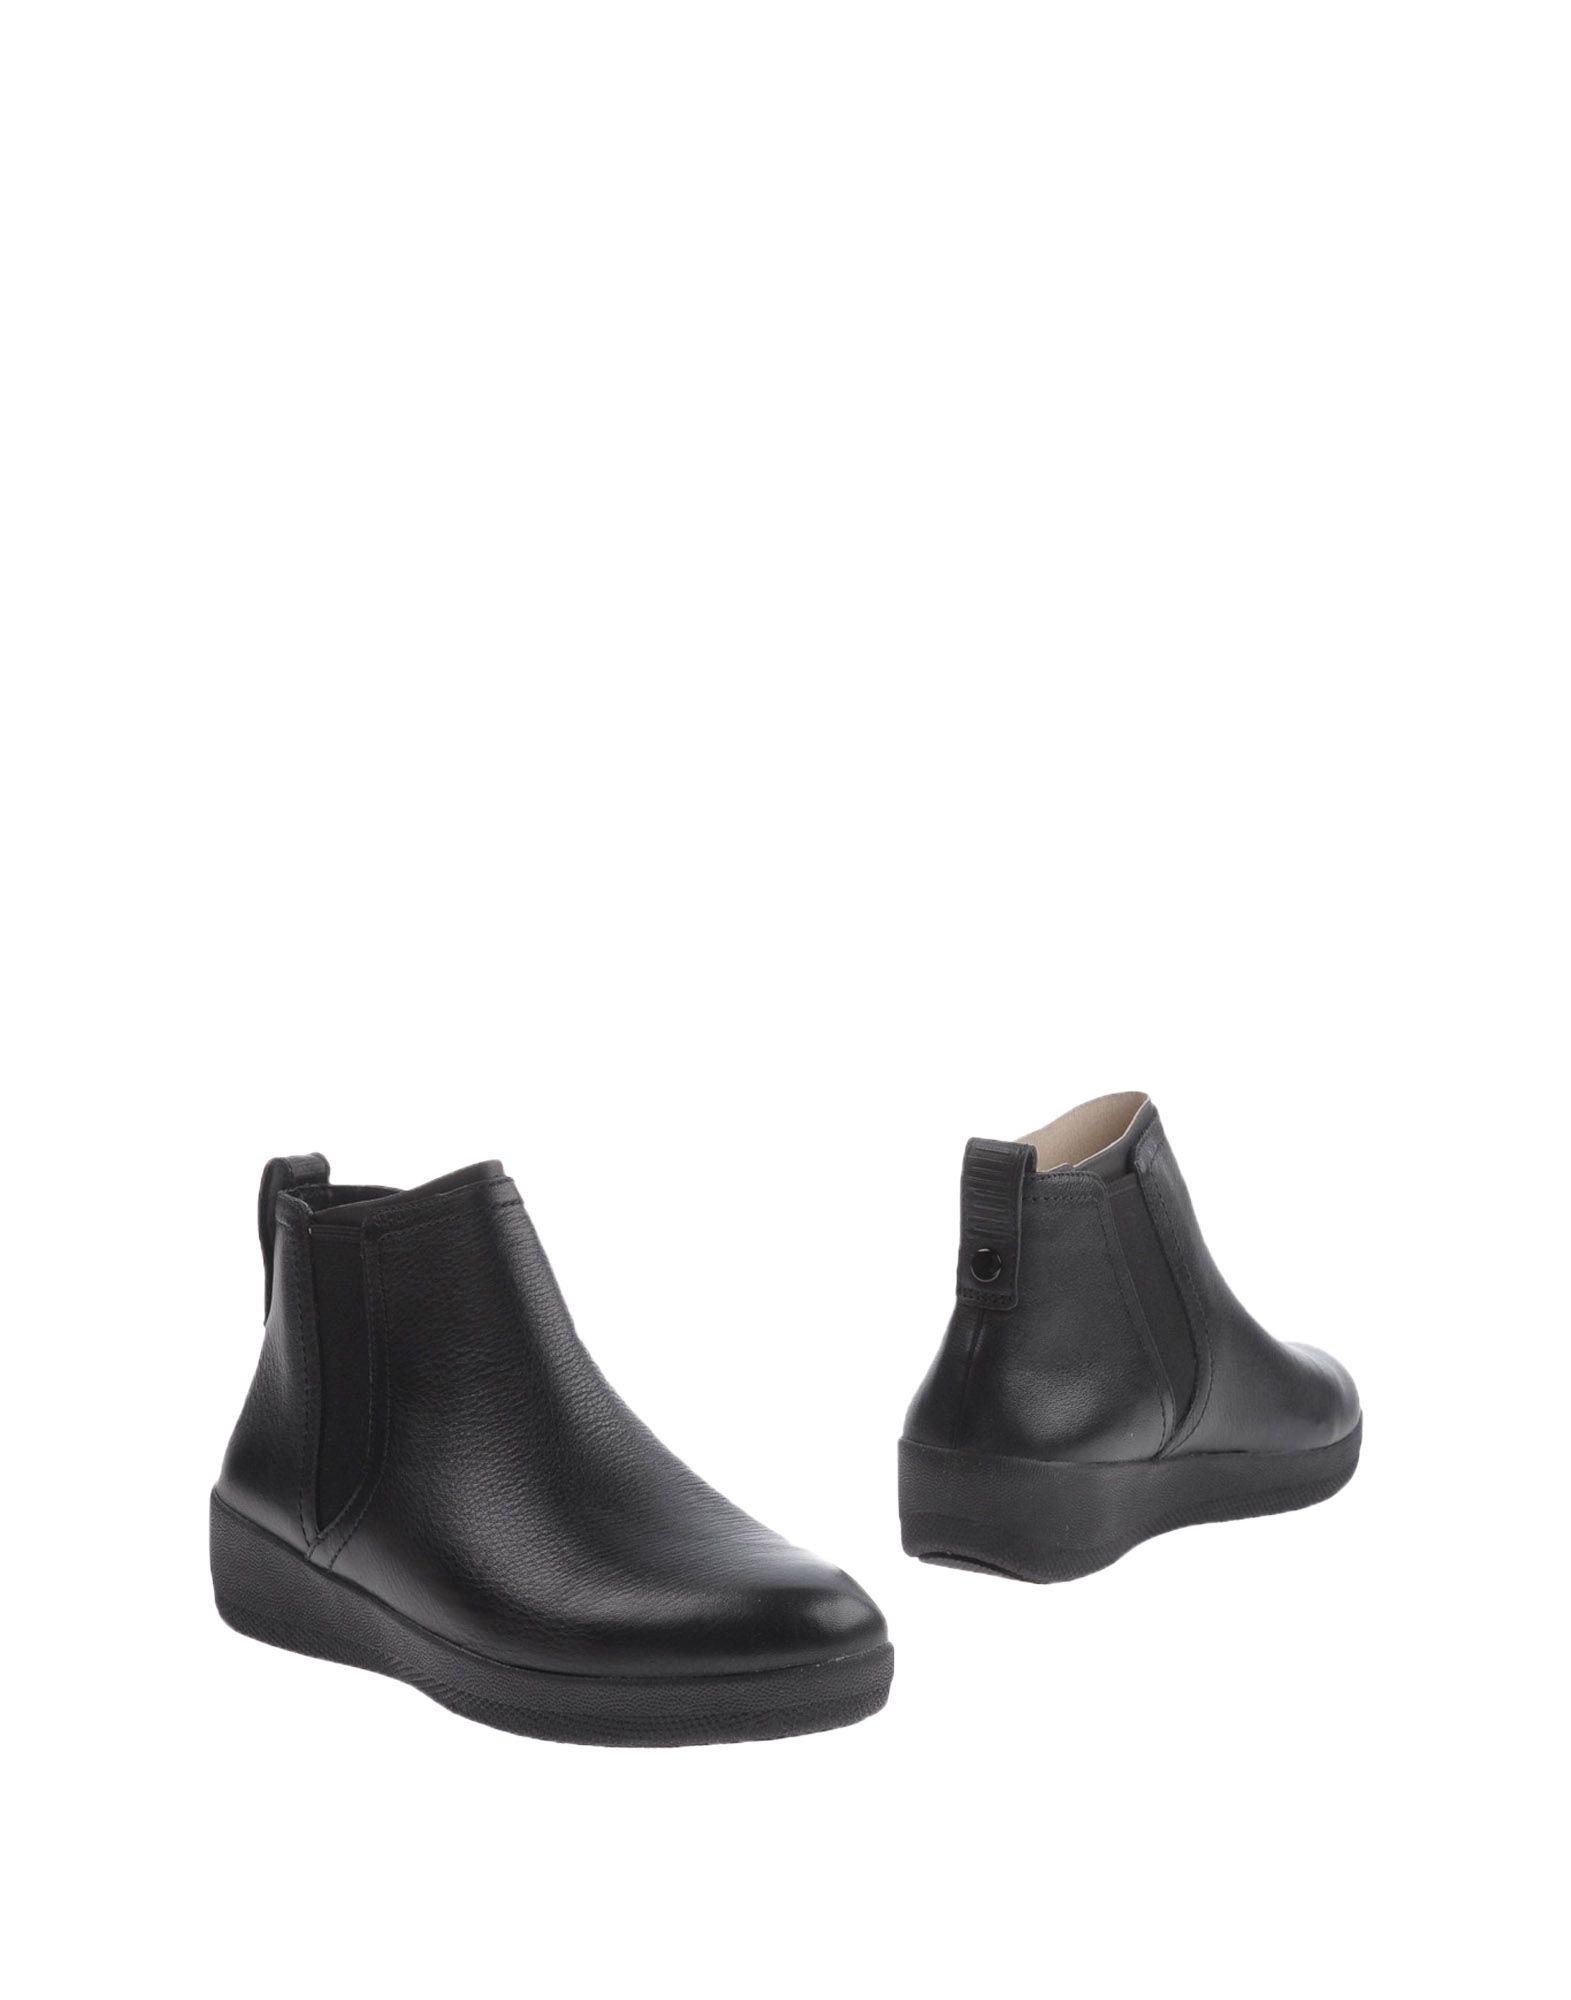 FITFLOP Полусапоги и высокие ботинки купить футбольную форму челси торрес